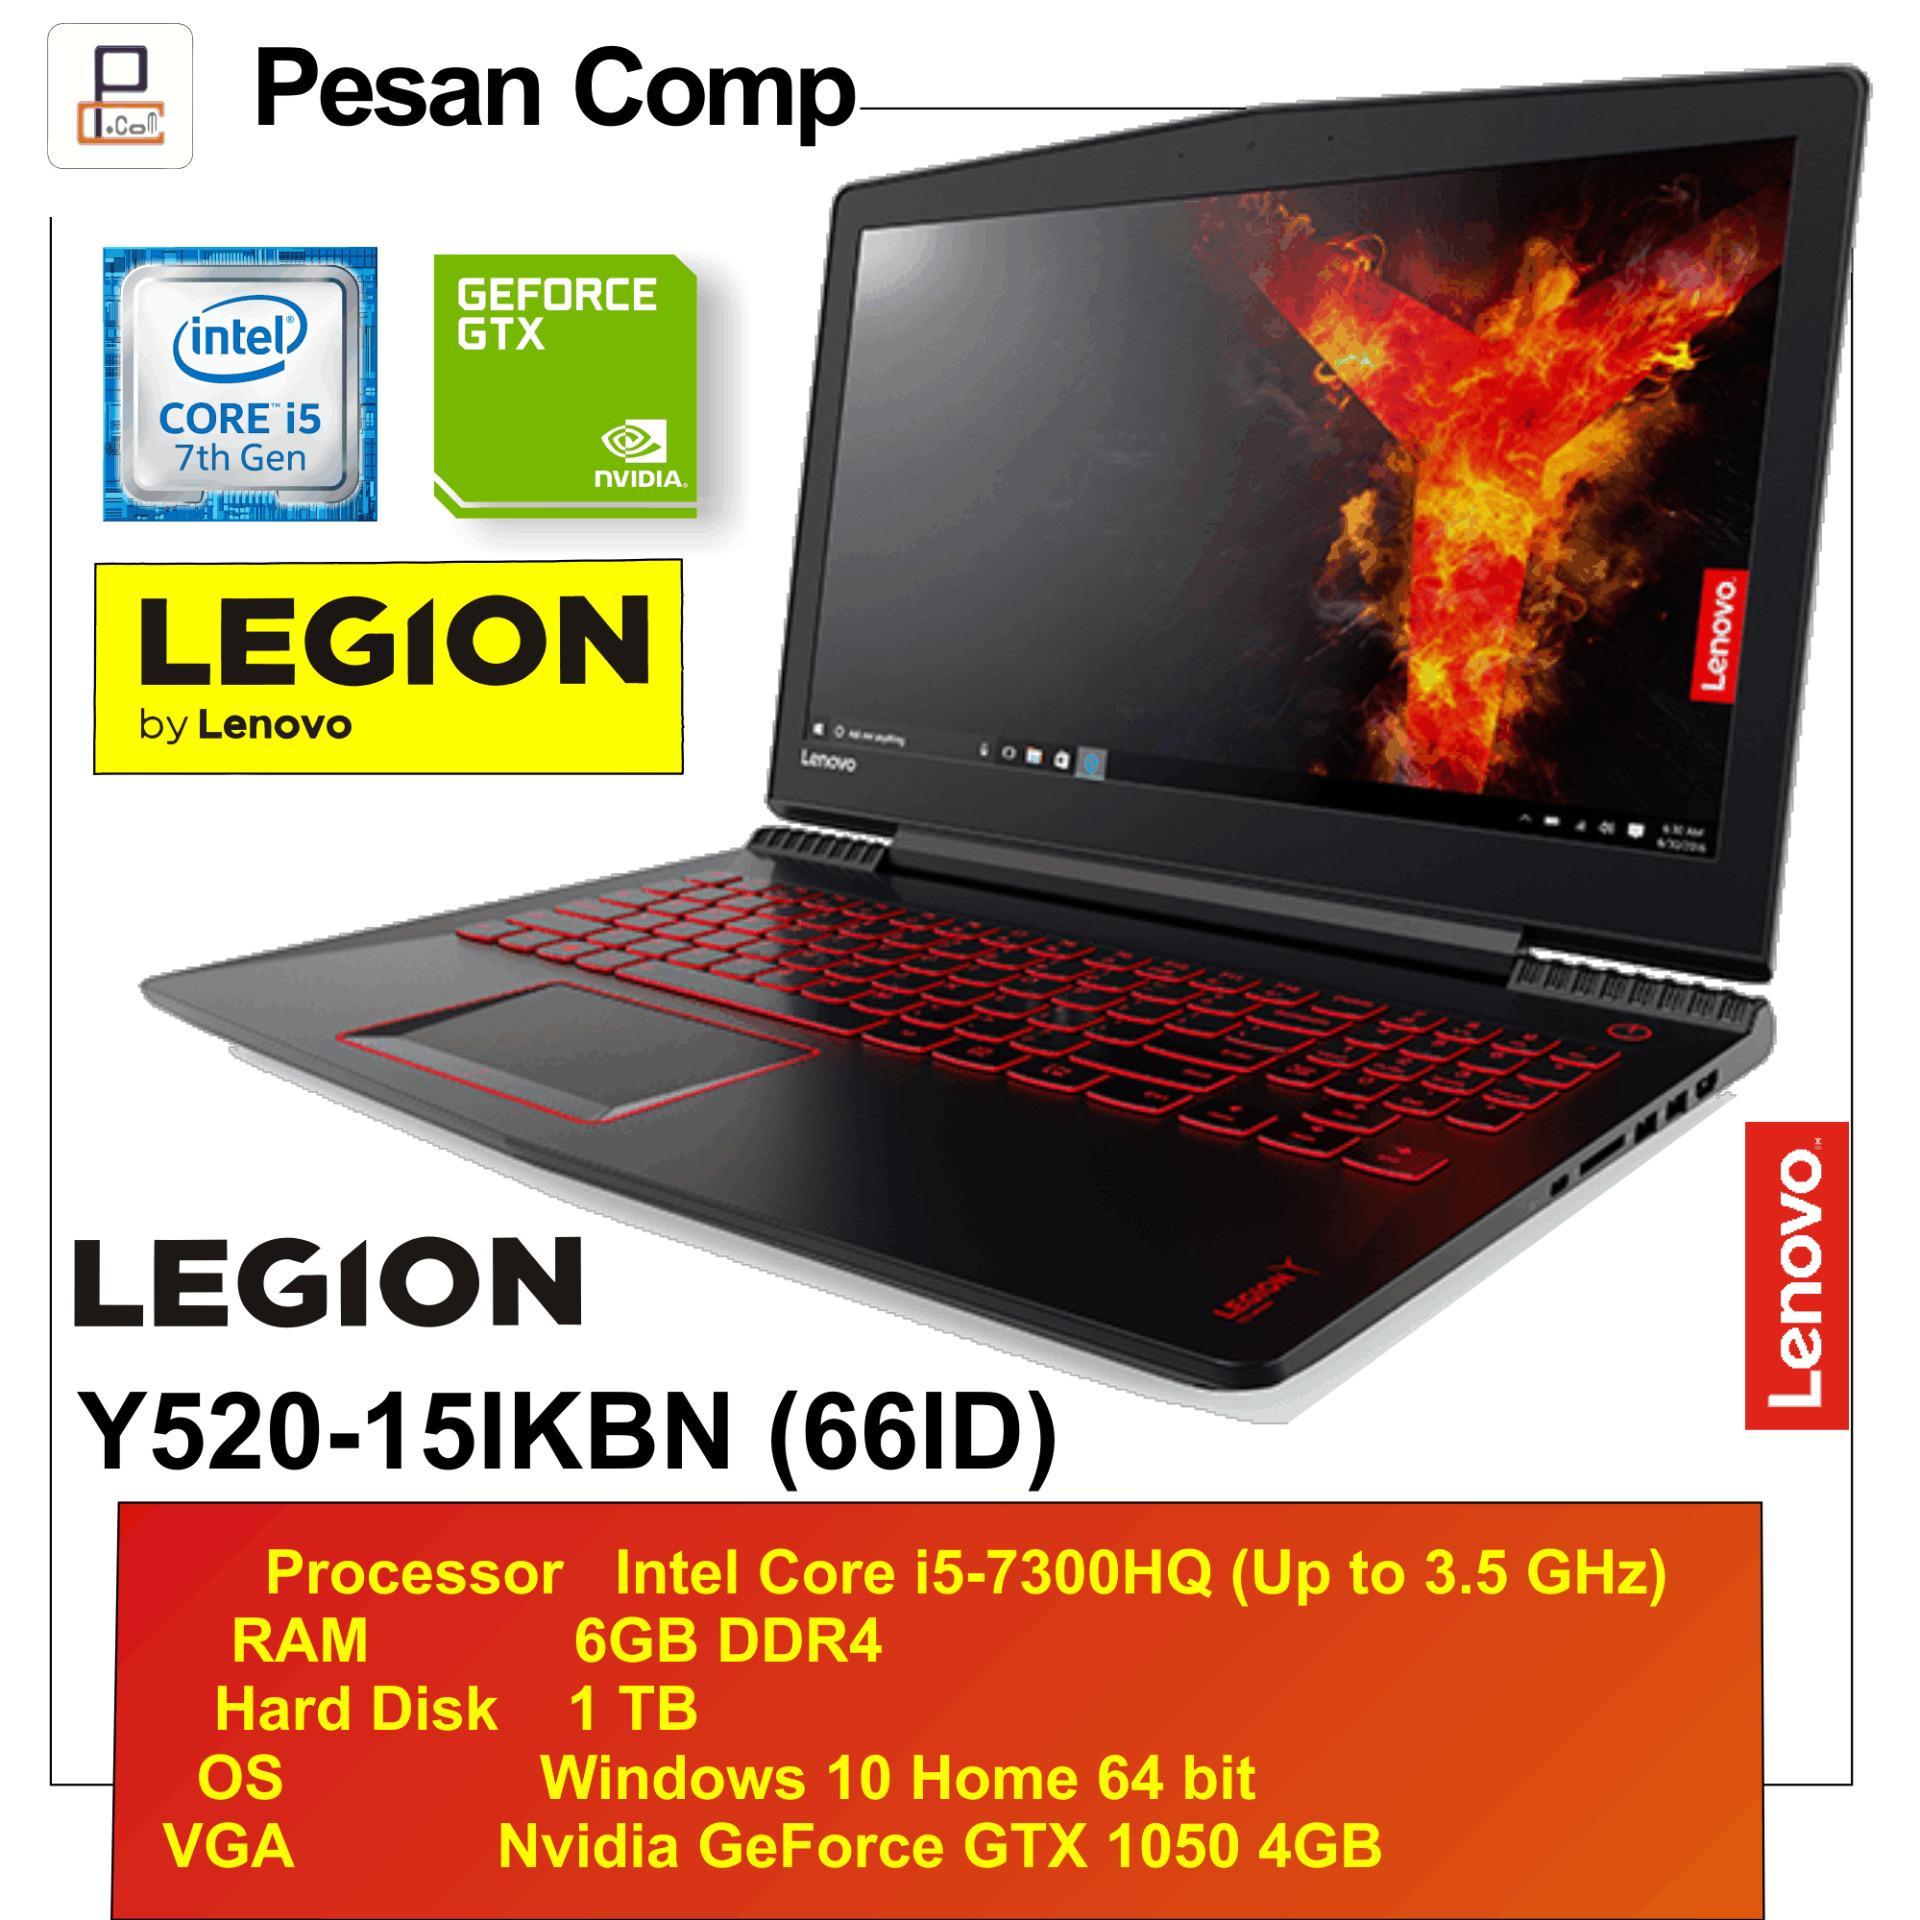 Lenovo Legion Y520 66ID Win10 RAM 6GB GTX1050 4GB 1TB 156 IPS FHD